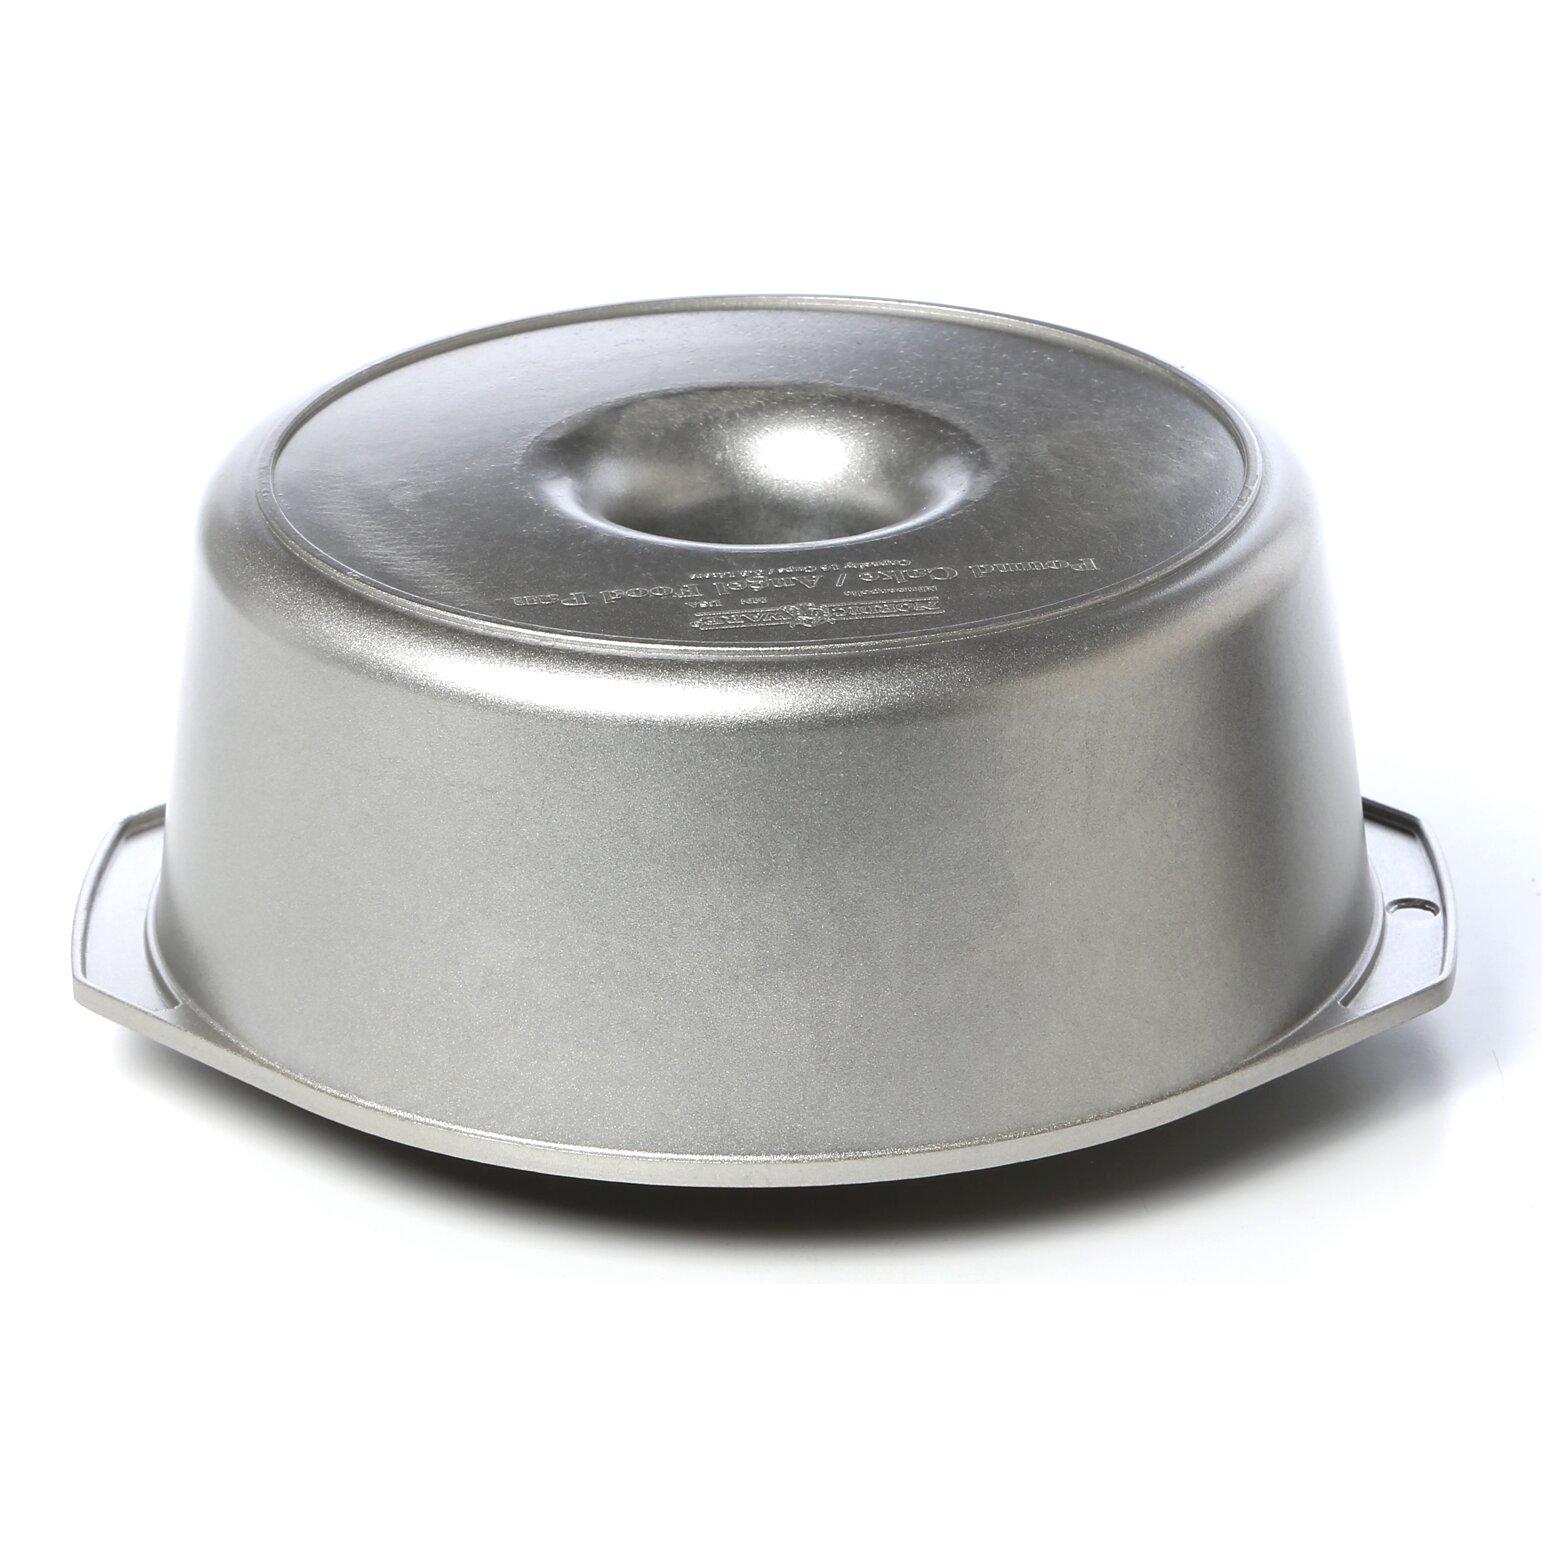 Nordic Ware Platinum Pound Cake Pan